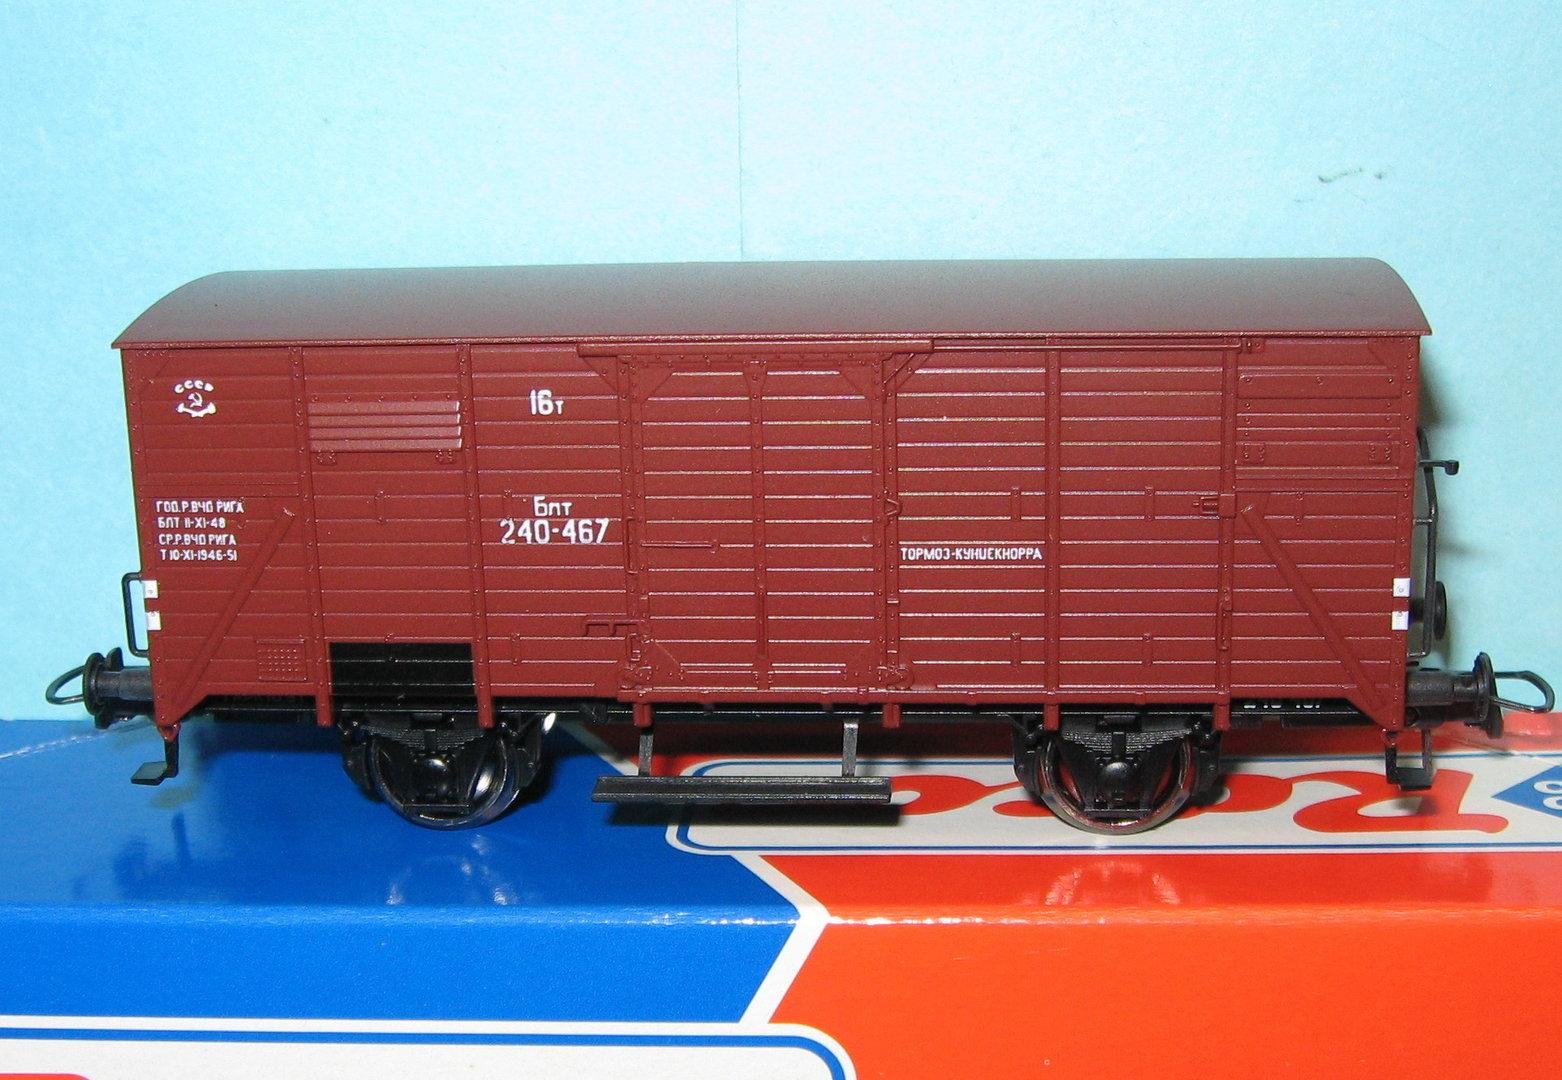 http://www.nordbahn.net/WebRoot/Store6/Shops/62195033/53BF/07E5/A29C/20E0/CE14/C0A8/2ABA/A034/Roco_47281_SZD_gedeckter_Gueterwagen_G10_Beutewagen_Ep.2-3_m._KK_i.OVP.jpg